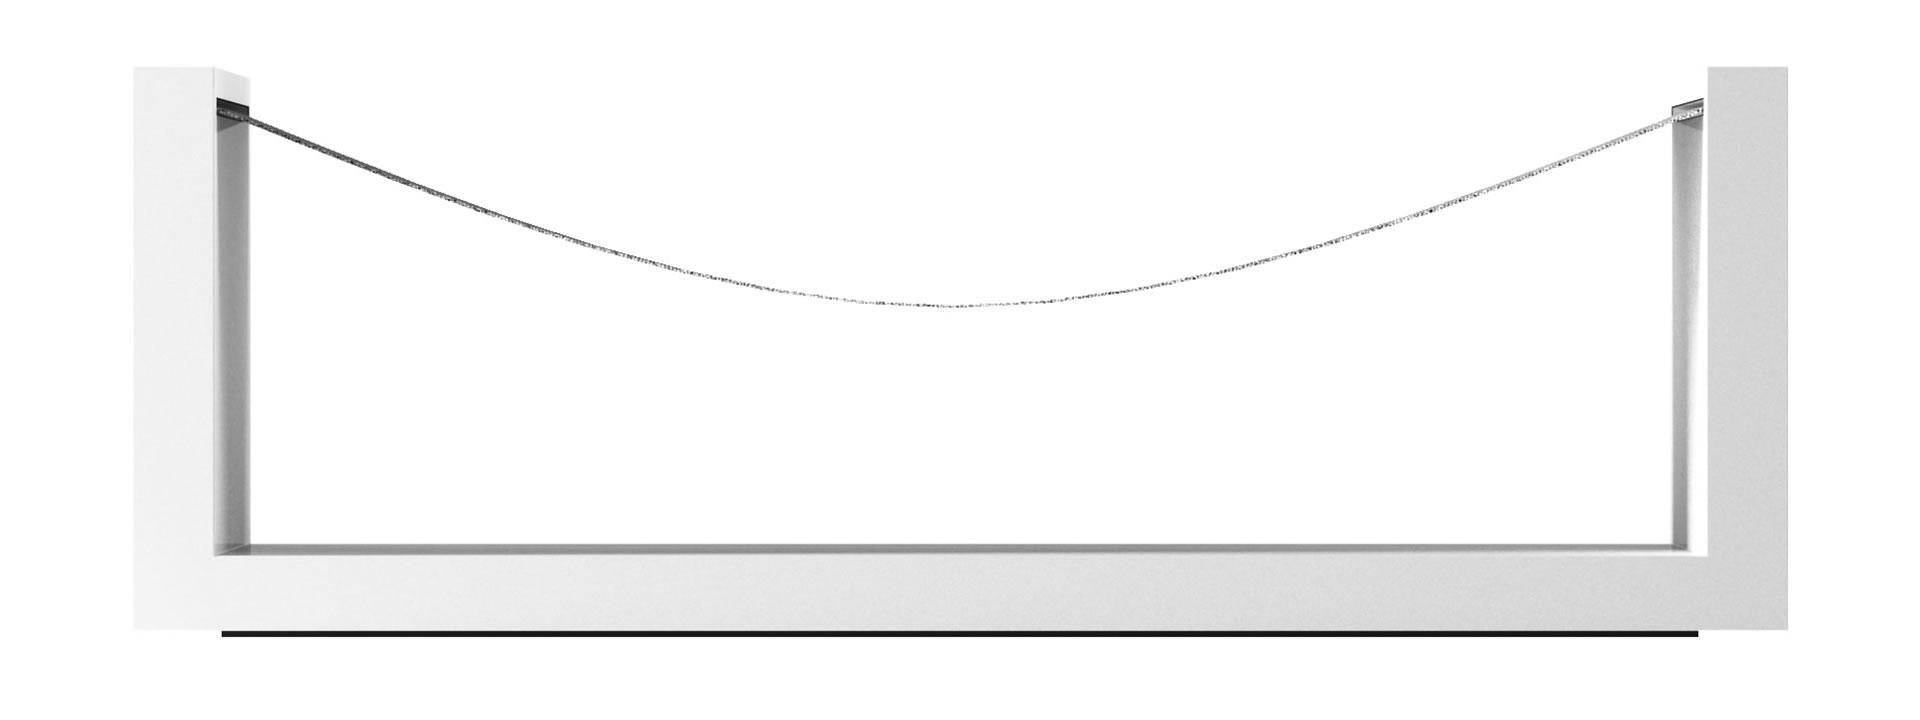 h ngematte remissio moderne design h ngematte von rechteck. Black Bedroom Furniture Sets. Home Design Ideas